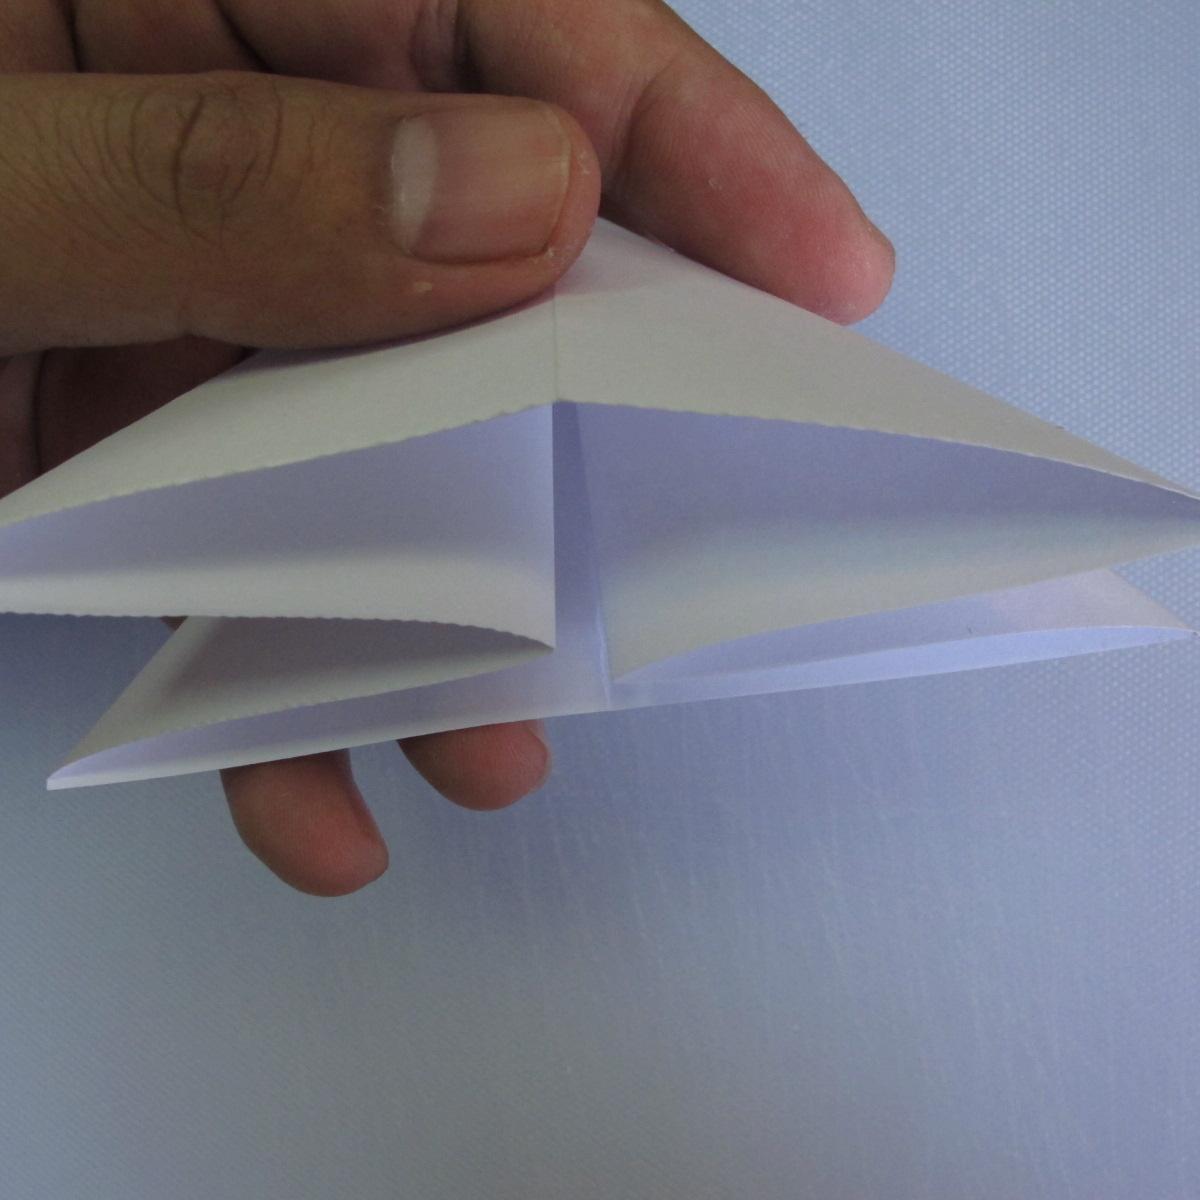 วิธีพับกระดาษเป็นรูปดอกลิลลี่ 002